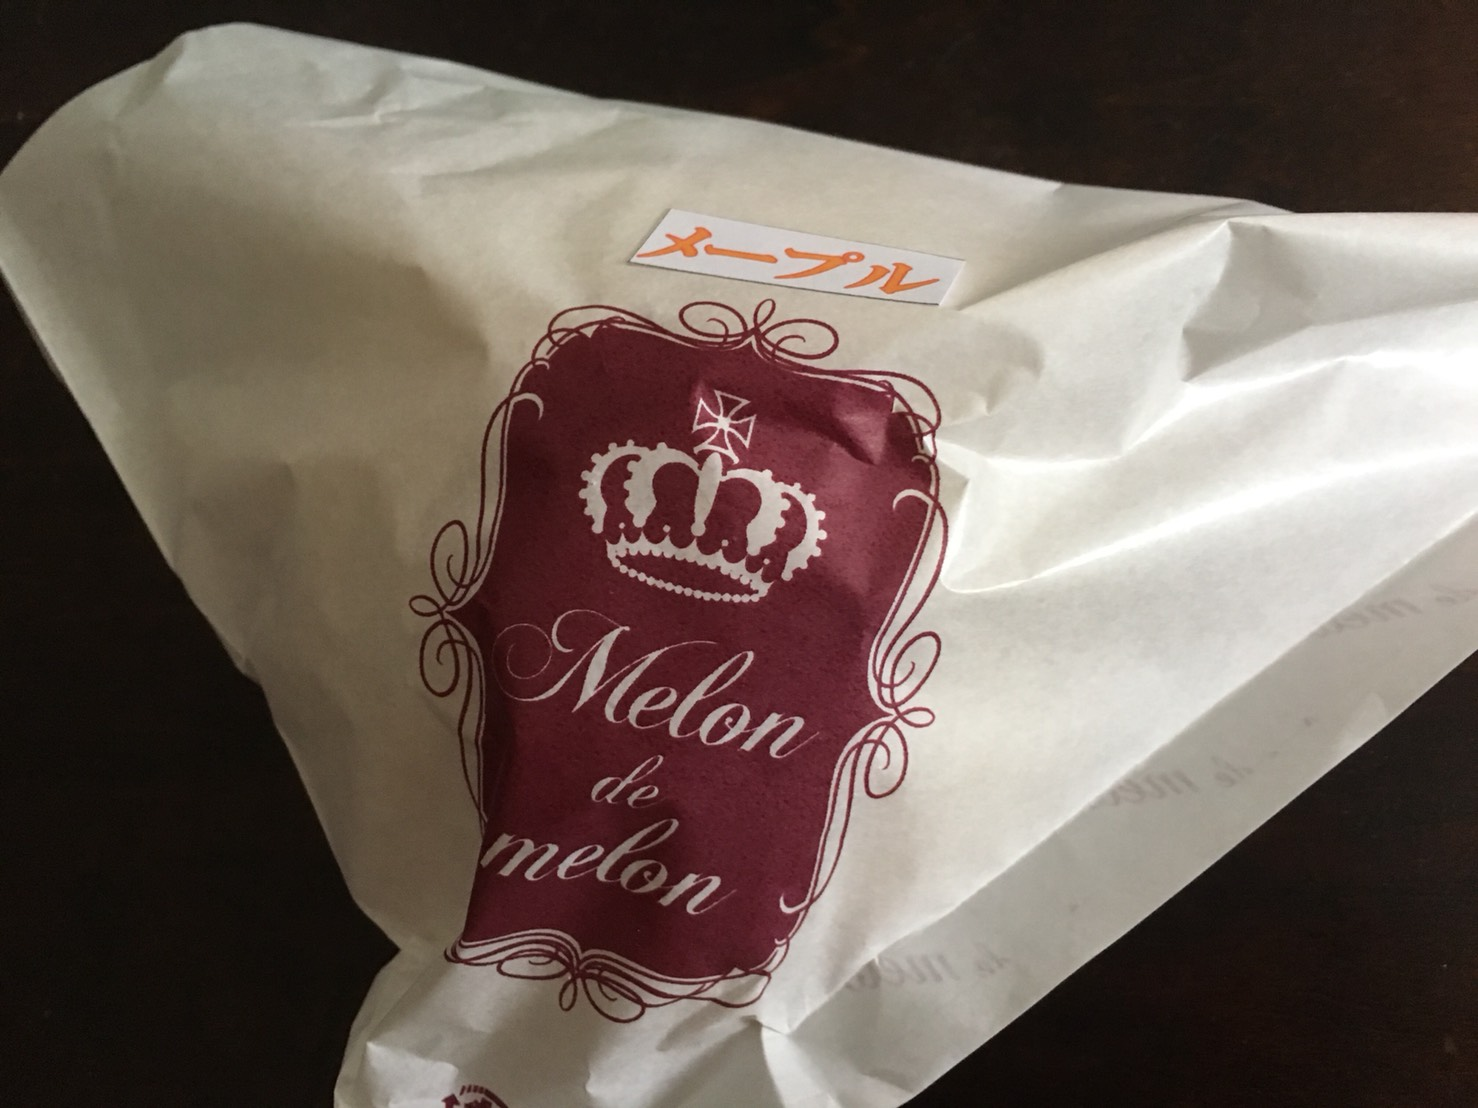 【大塚駅】「メロン・ドゥ・メロン」カリカリふわふわメロンパンメープルメロンパンの包み